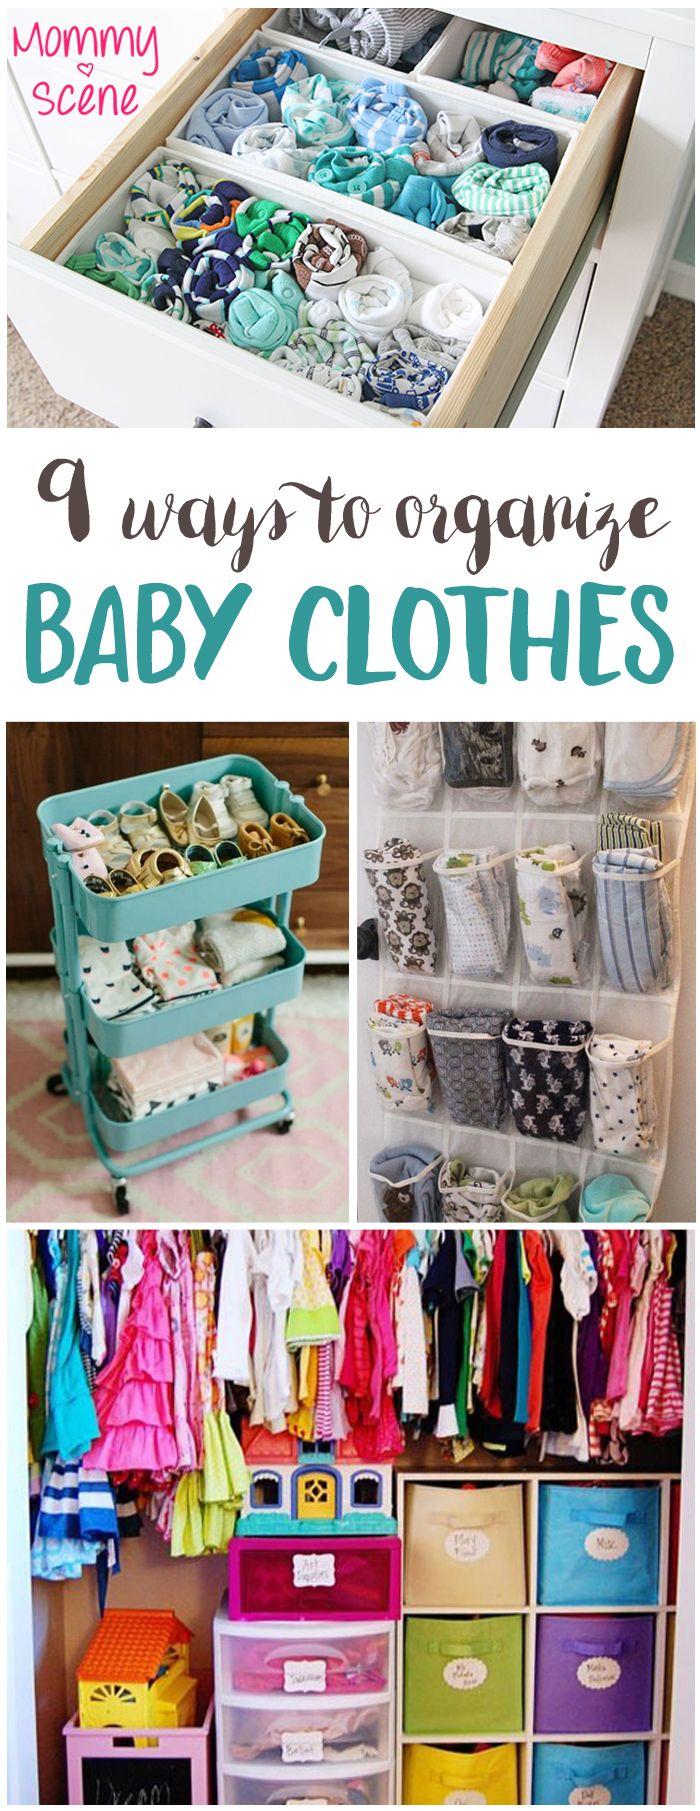 Best 25+ Baby clothes storage ideas on Pinterest